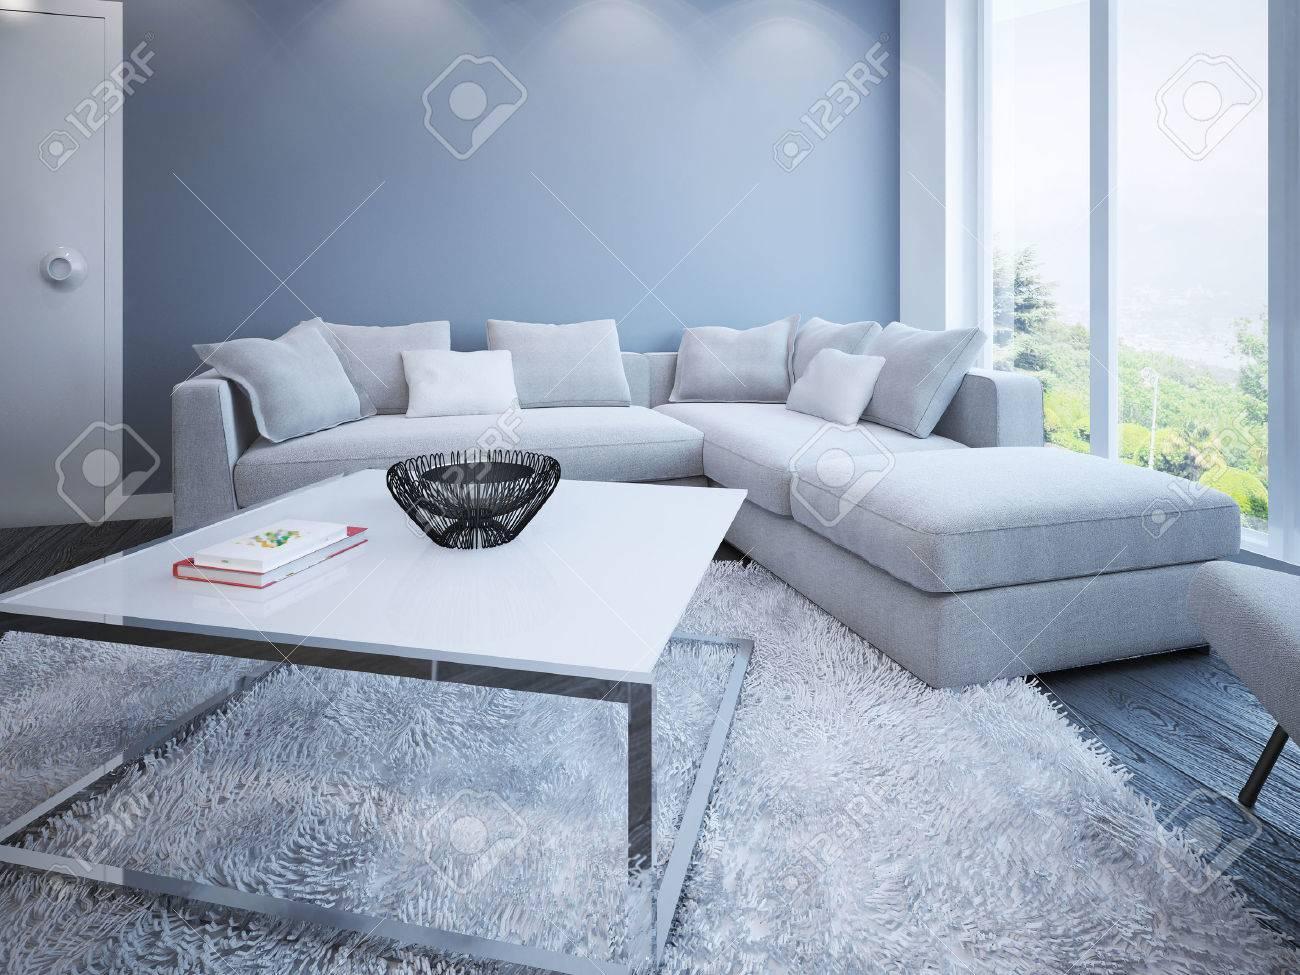 Lounge Zimmer Im Skandinavischen Stil. Ecksofa Mit Kissen Im Raum ...